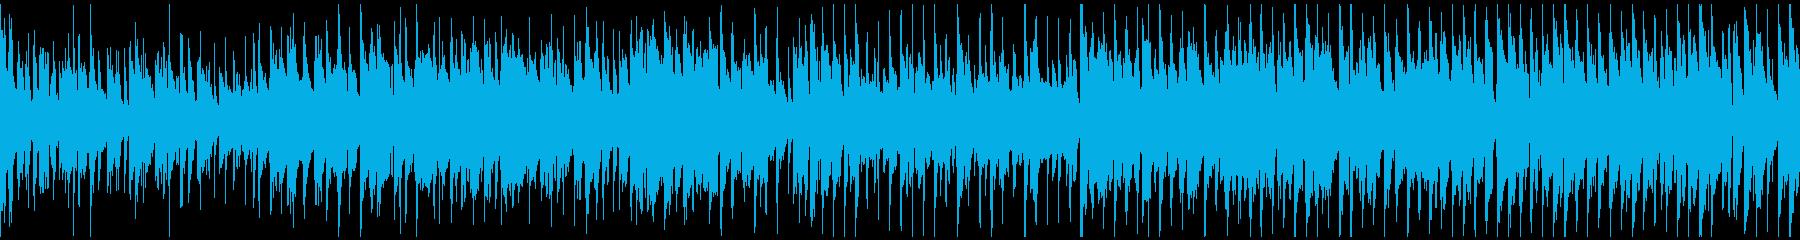 ファンキーなジャズ系ファンク ※ループ版の再生済みの波形